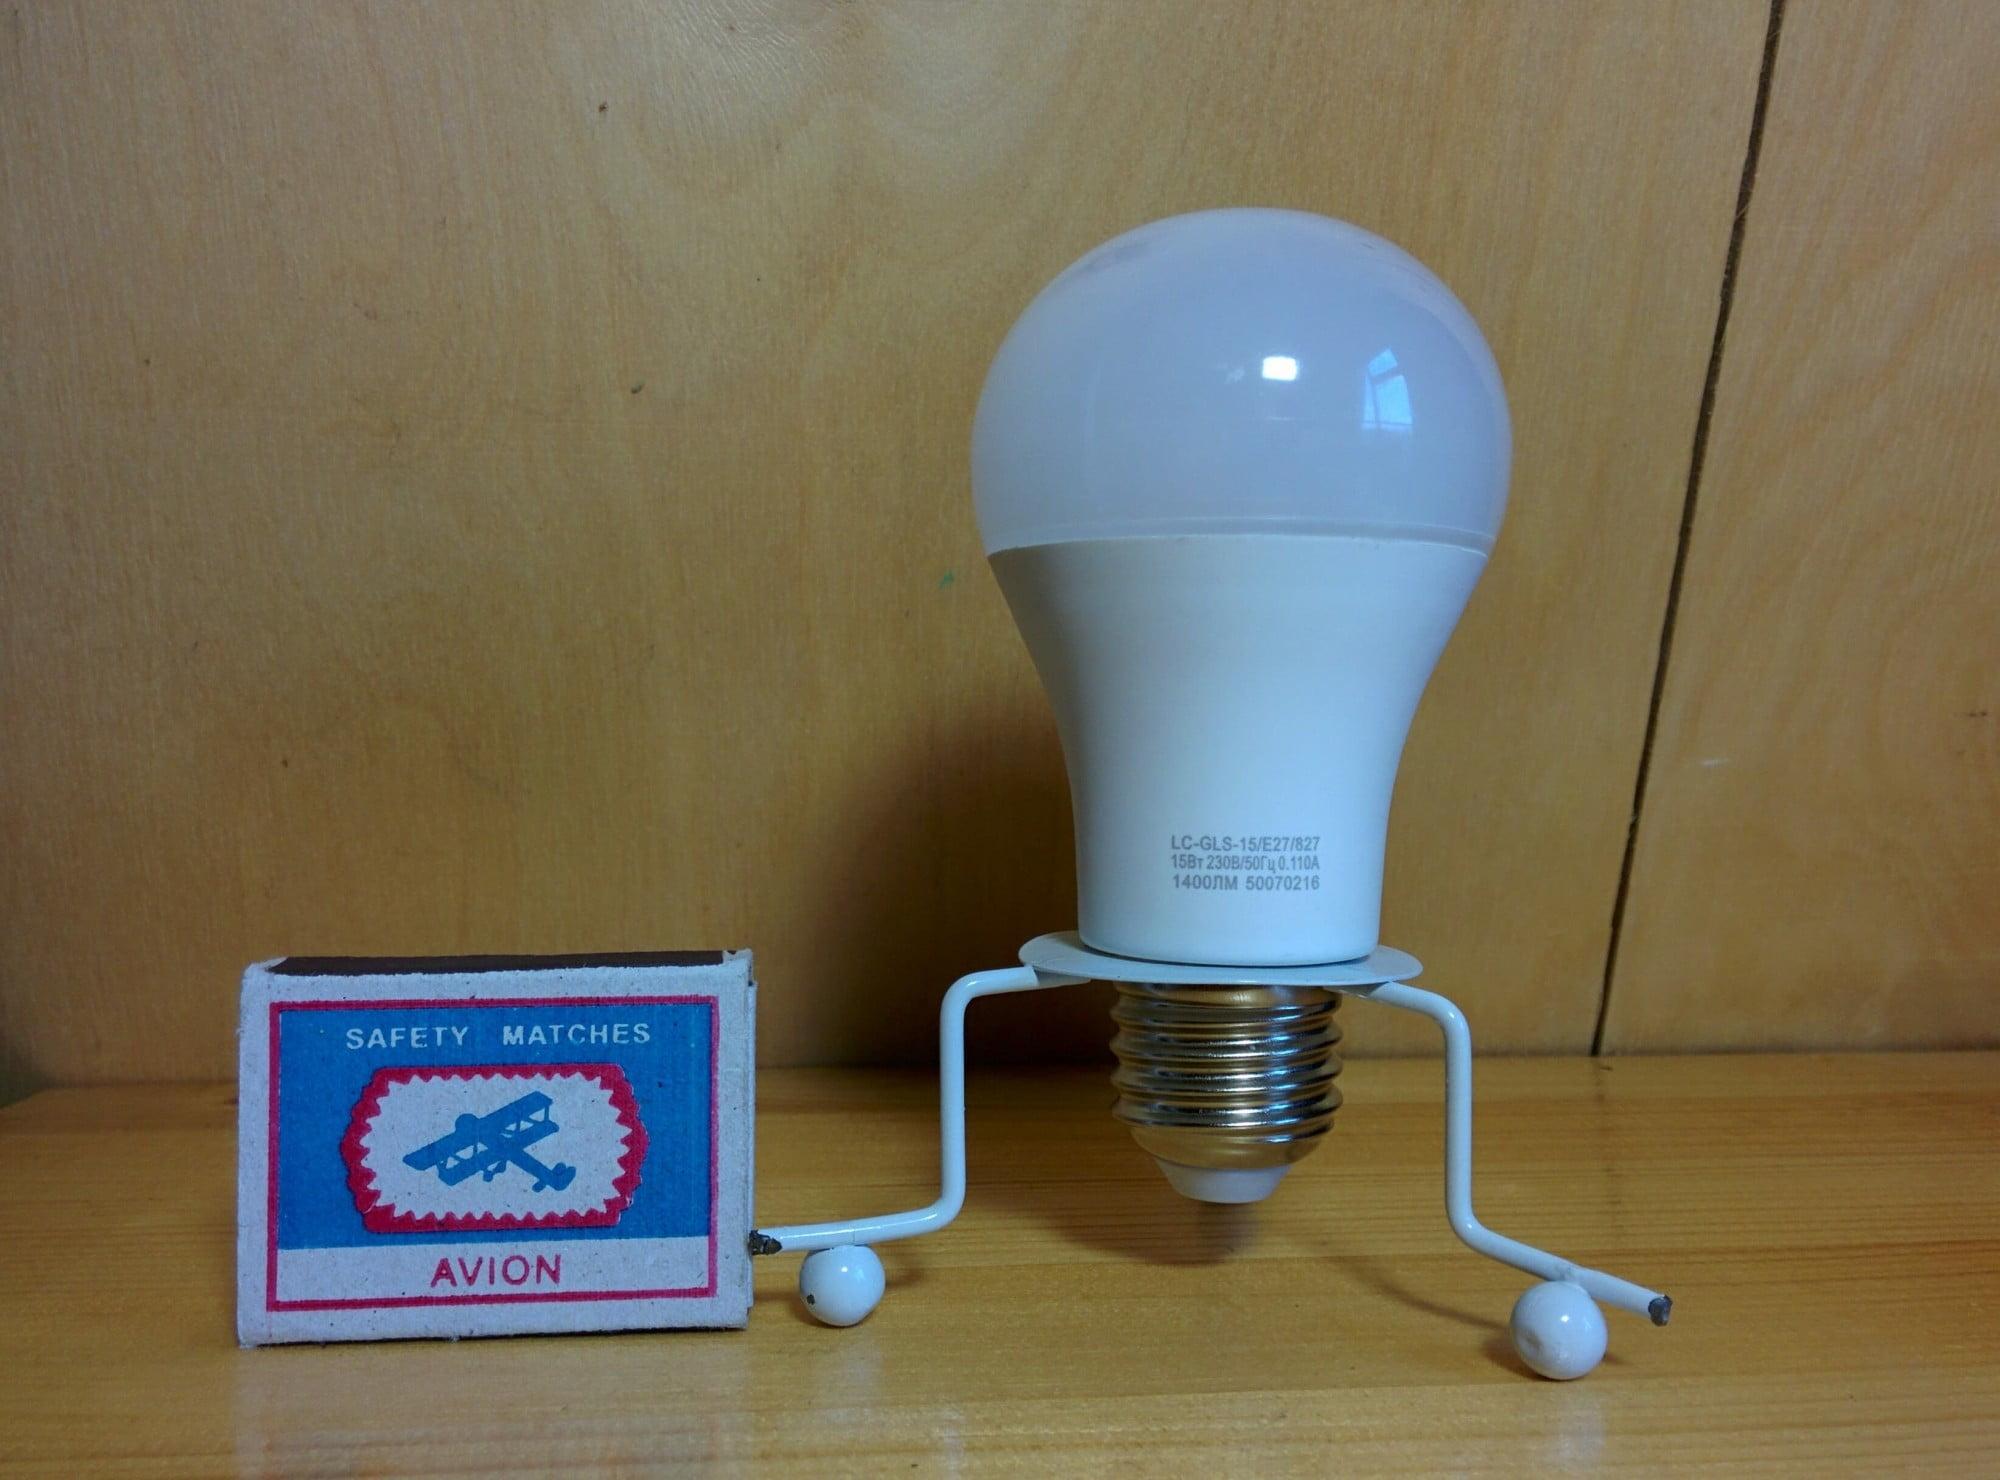 Светодиодная лампа НАНОСВЕТ LC-GLS-15/E27/840 арт. L197